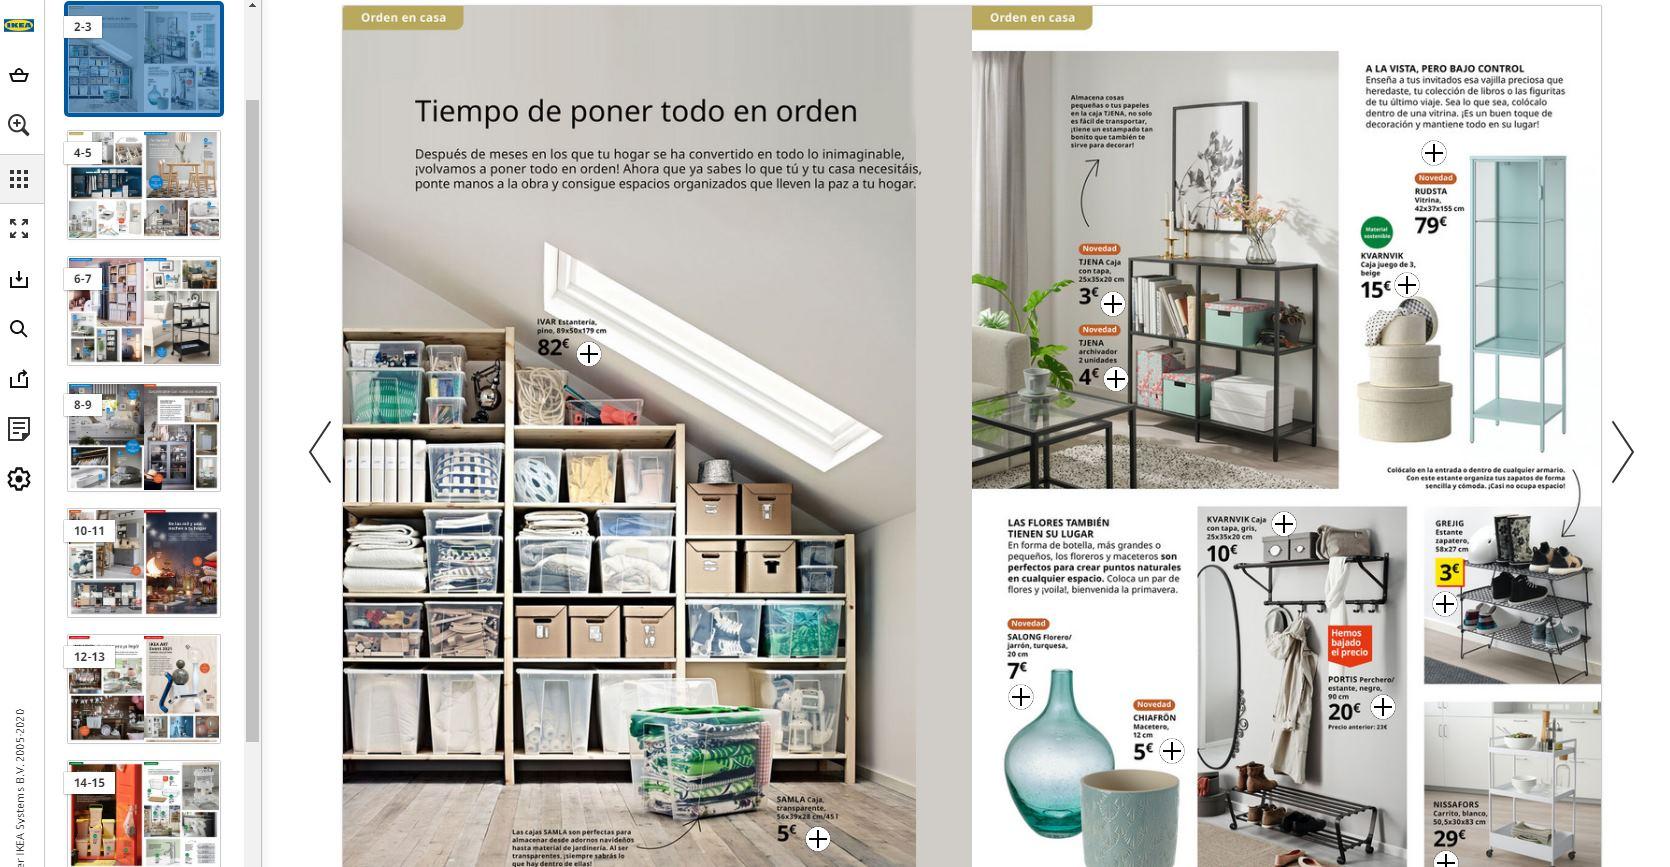 Revista digital de IKEA e IKEA Family, ya disponible el catálogo online